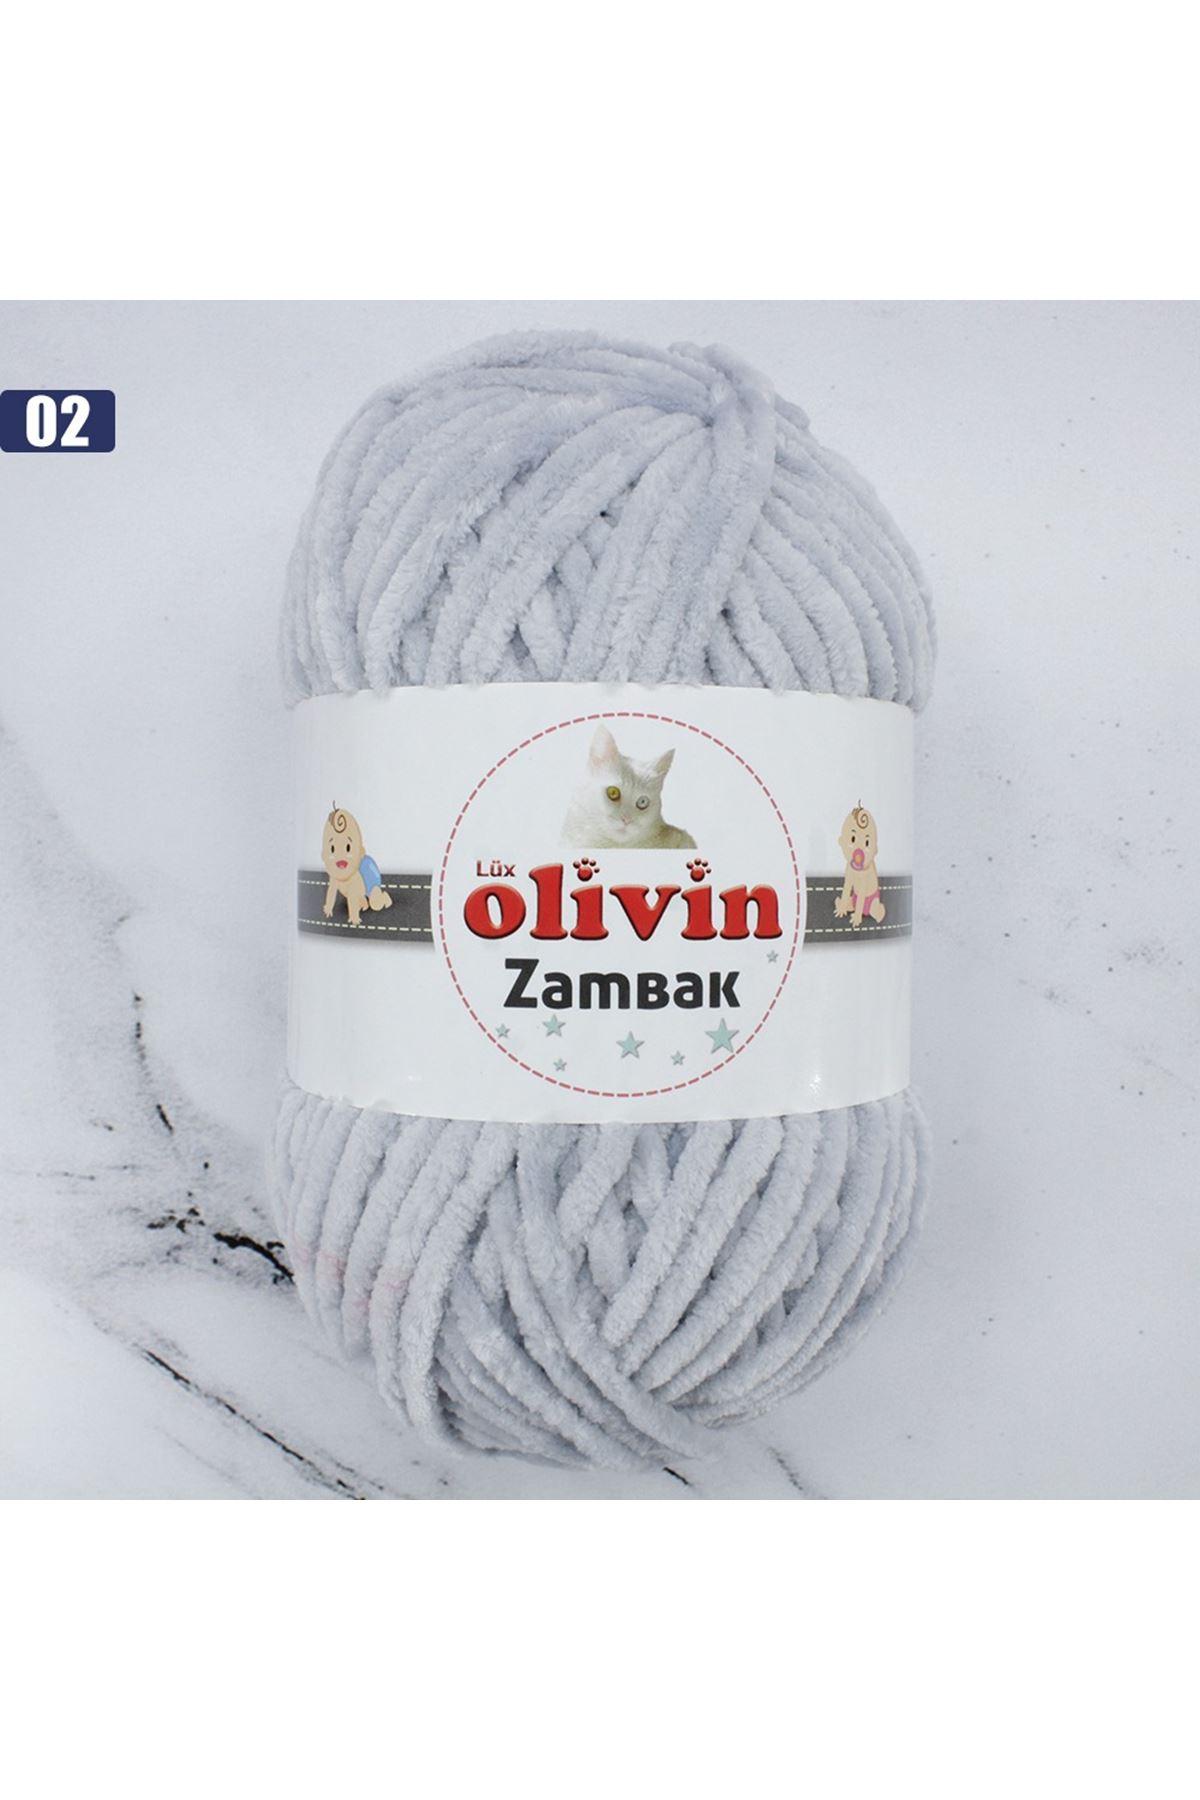 Olivin Zambak 02